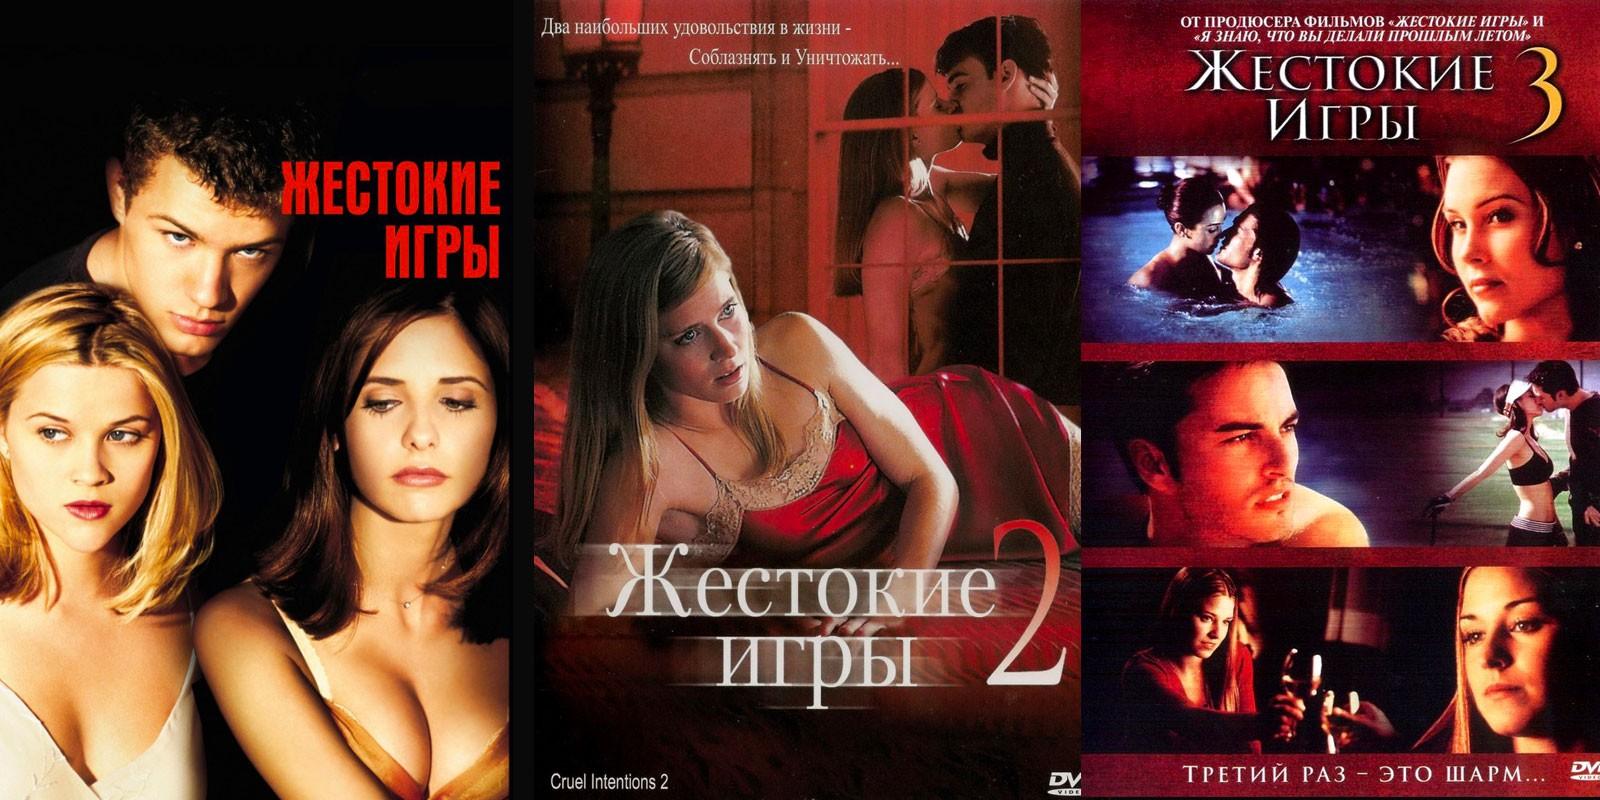 """Фильмы """"Жестокие игры"""", """"Жестокие игры 2"""" и """"Жестокие игры 3"""""""